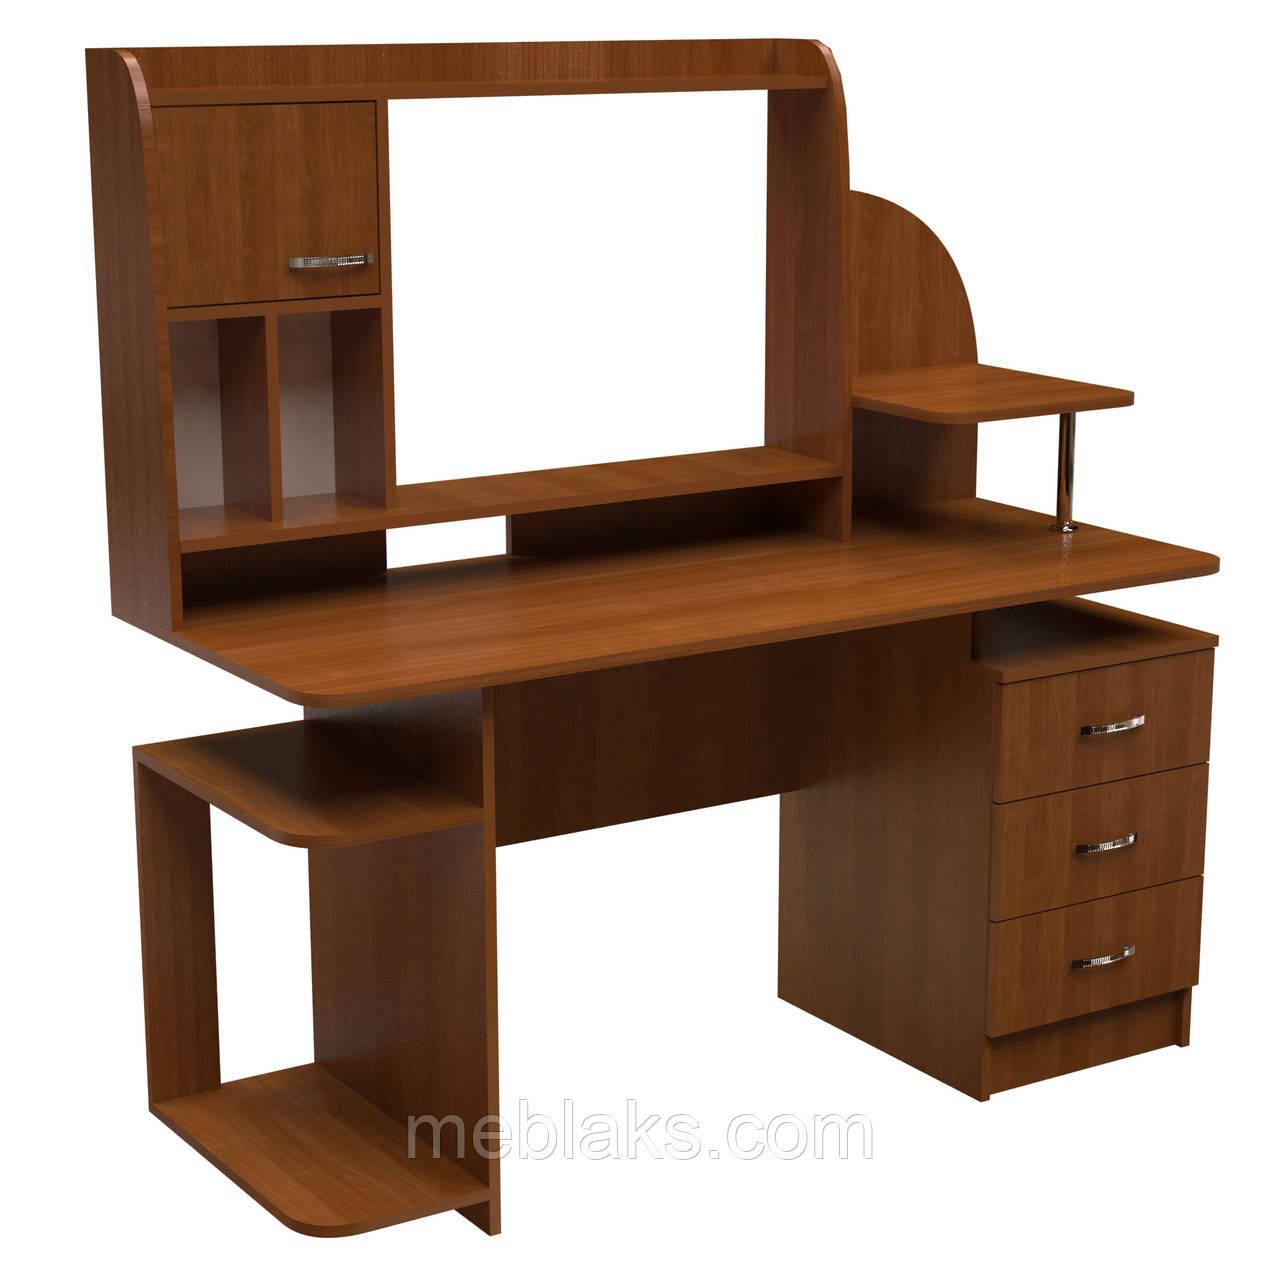 Компьютерный стол НСК 35